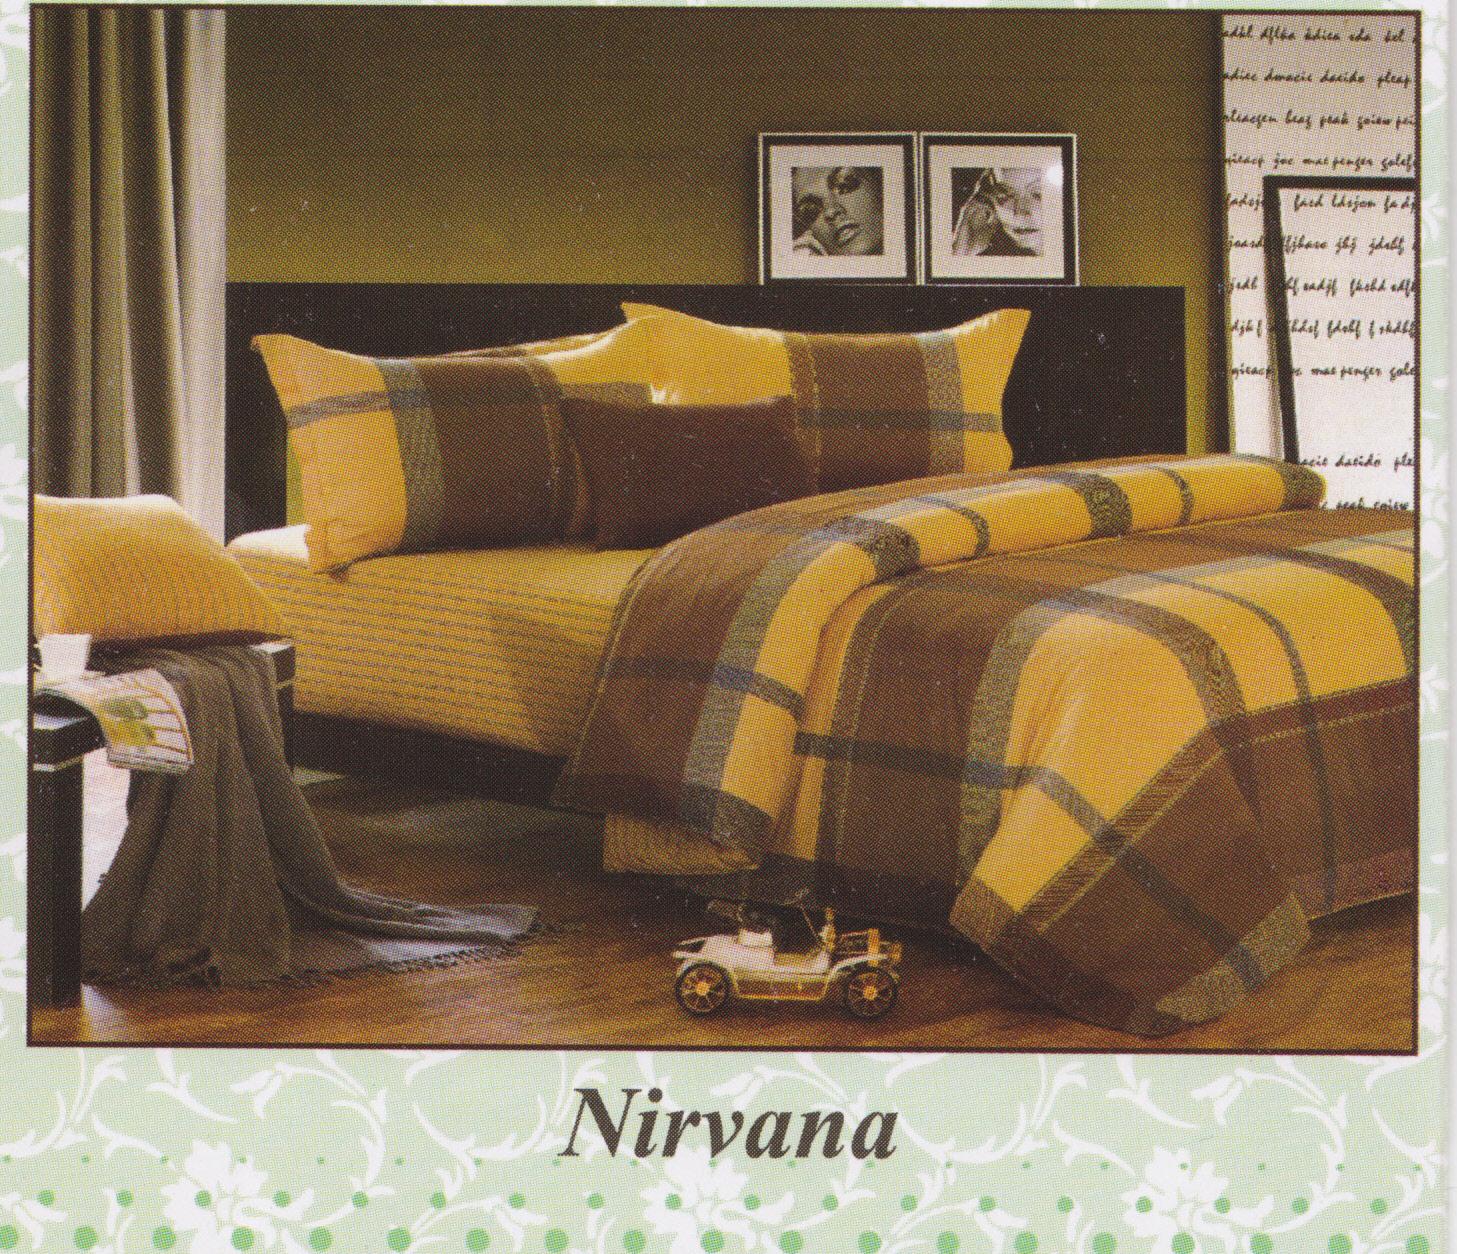 Tinggi Bed Cm Tersedia Tinggi Bed Cm